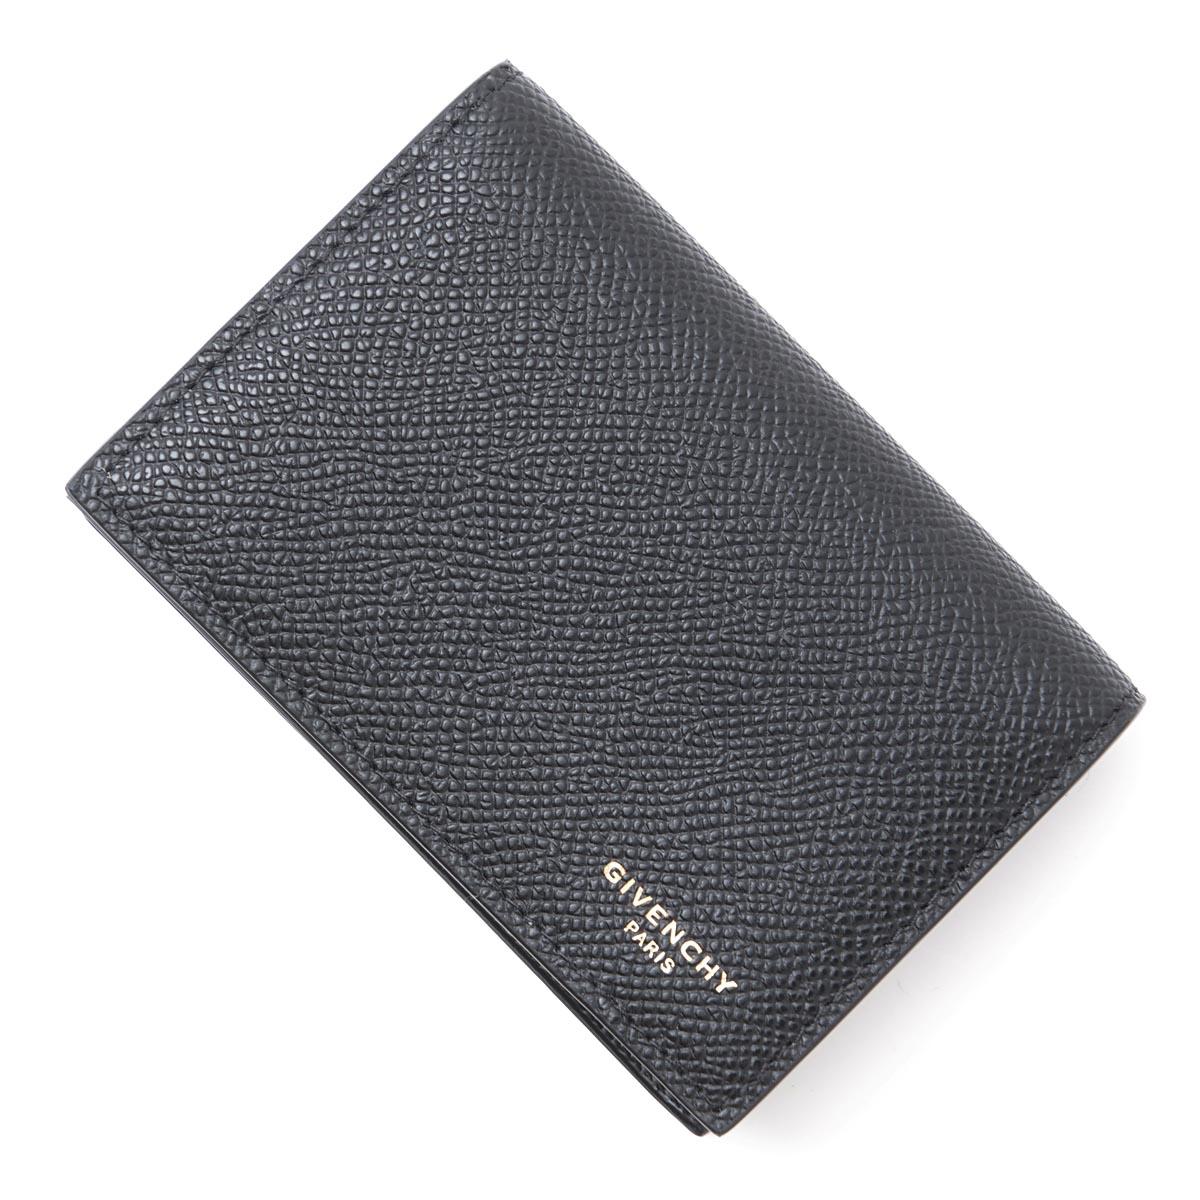 ジバンシー GIVENCHY カードケース ブラック メンズ bk06018121 001 BUSINESS 【あす楽対応_関東】【返品送料無料】【ラッピング無料】